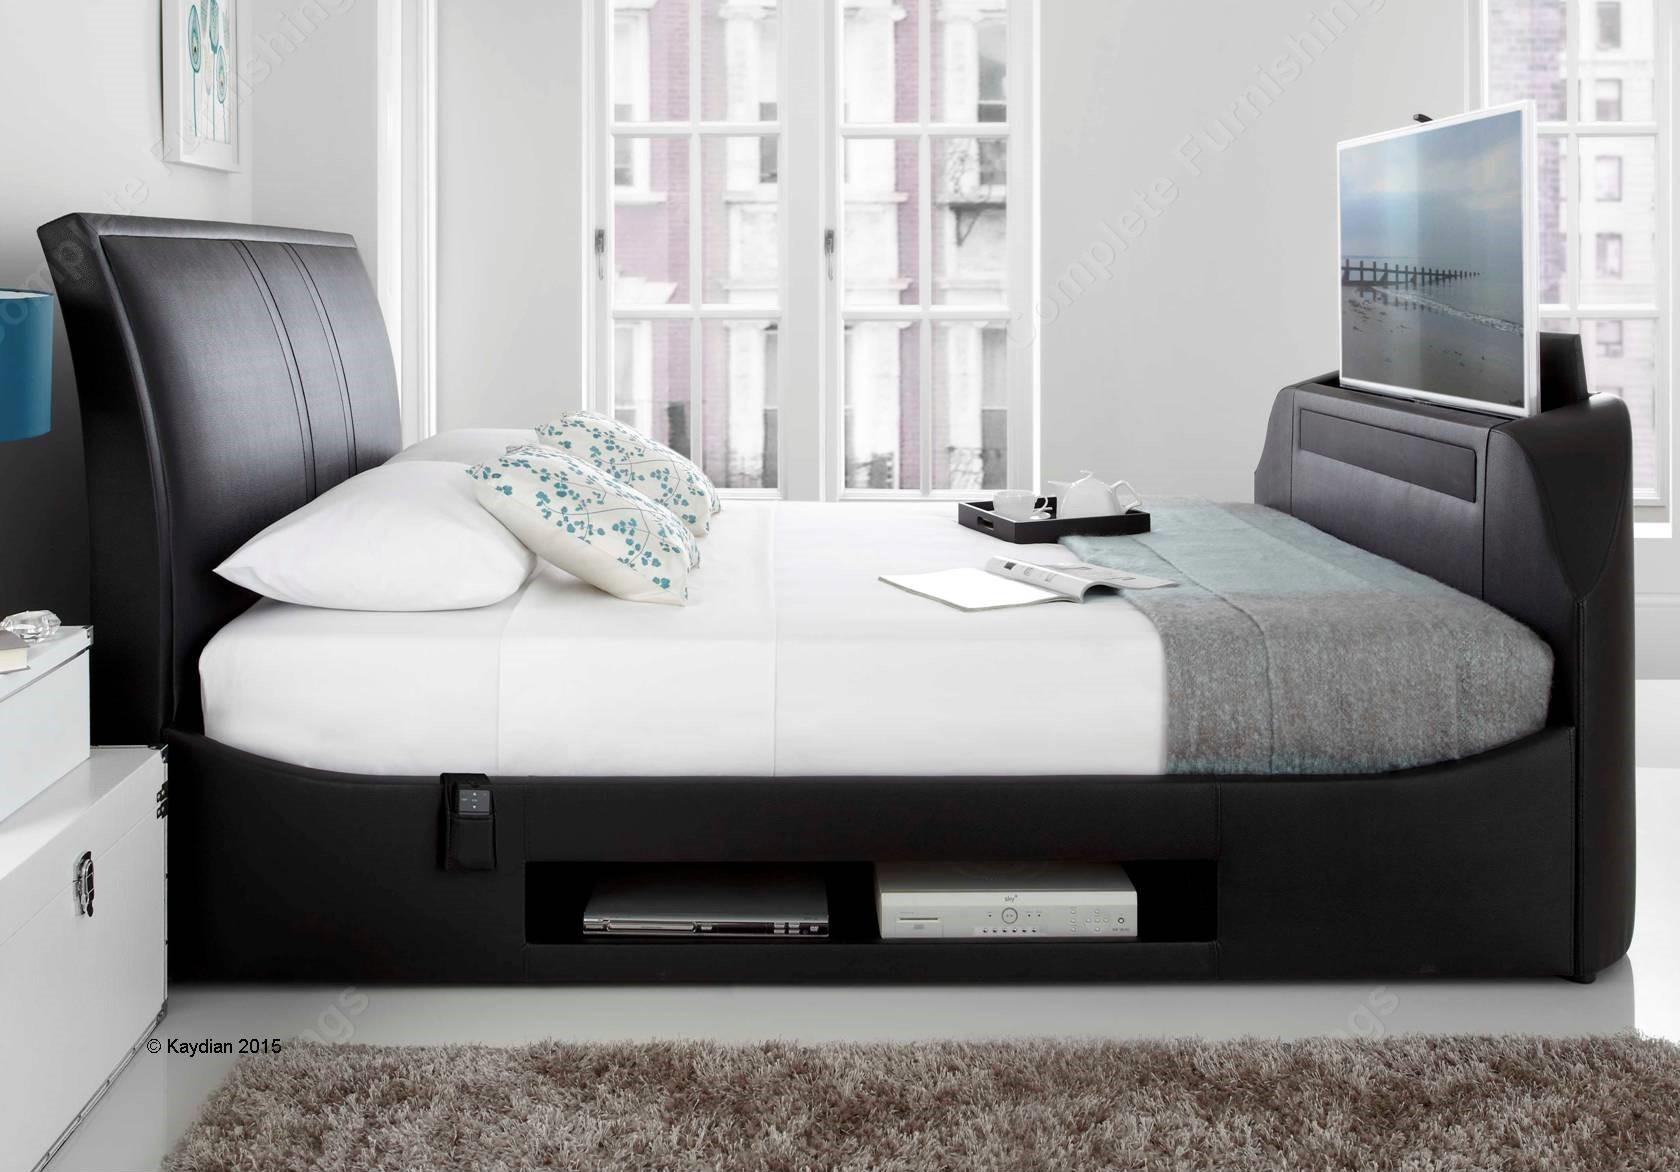 Maximus Media Bed